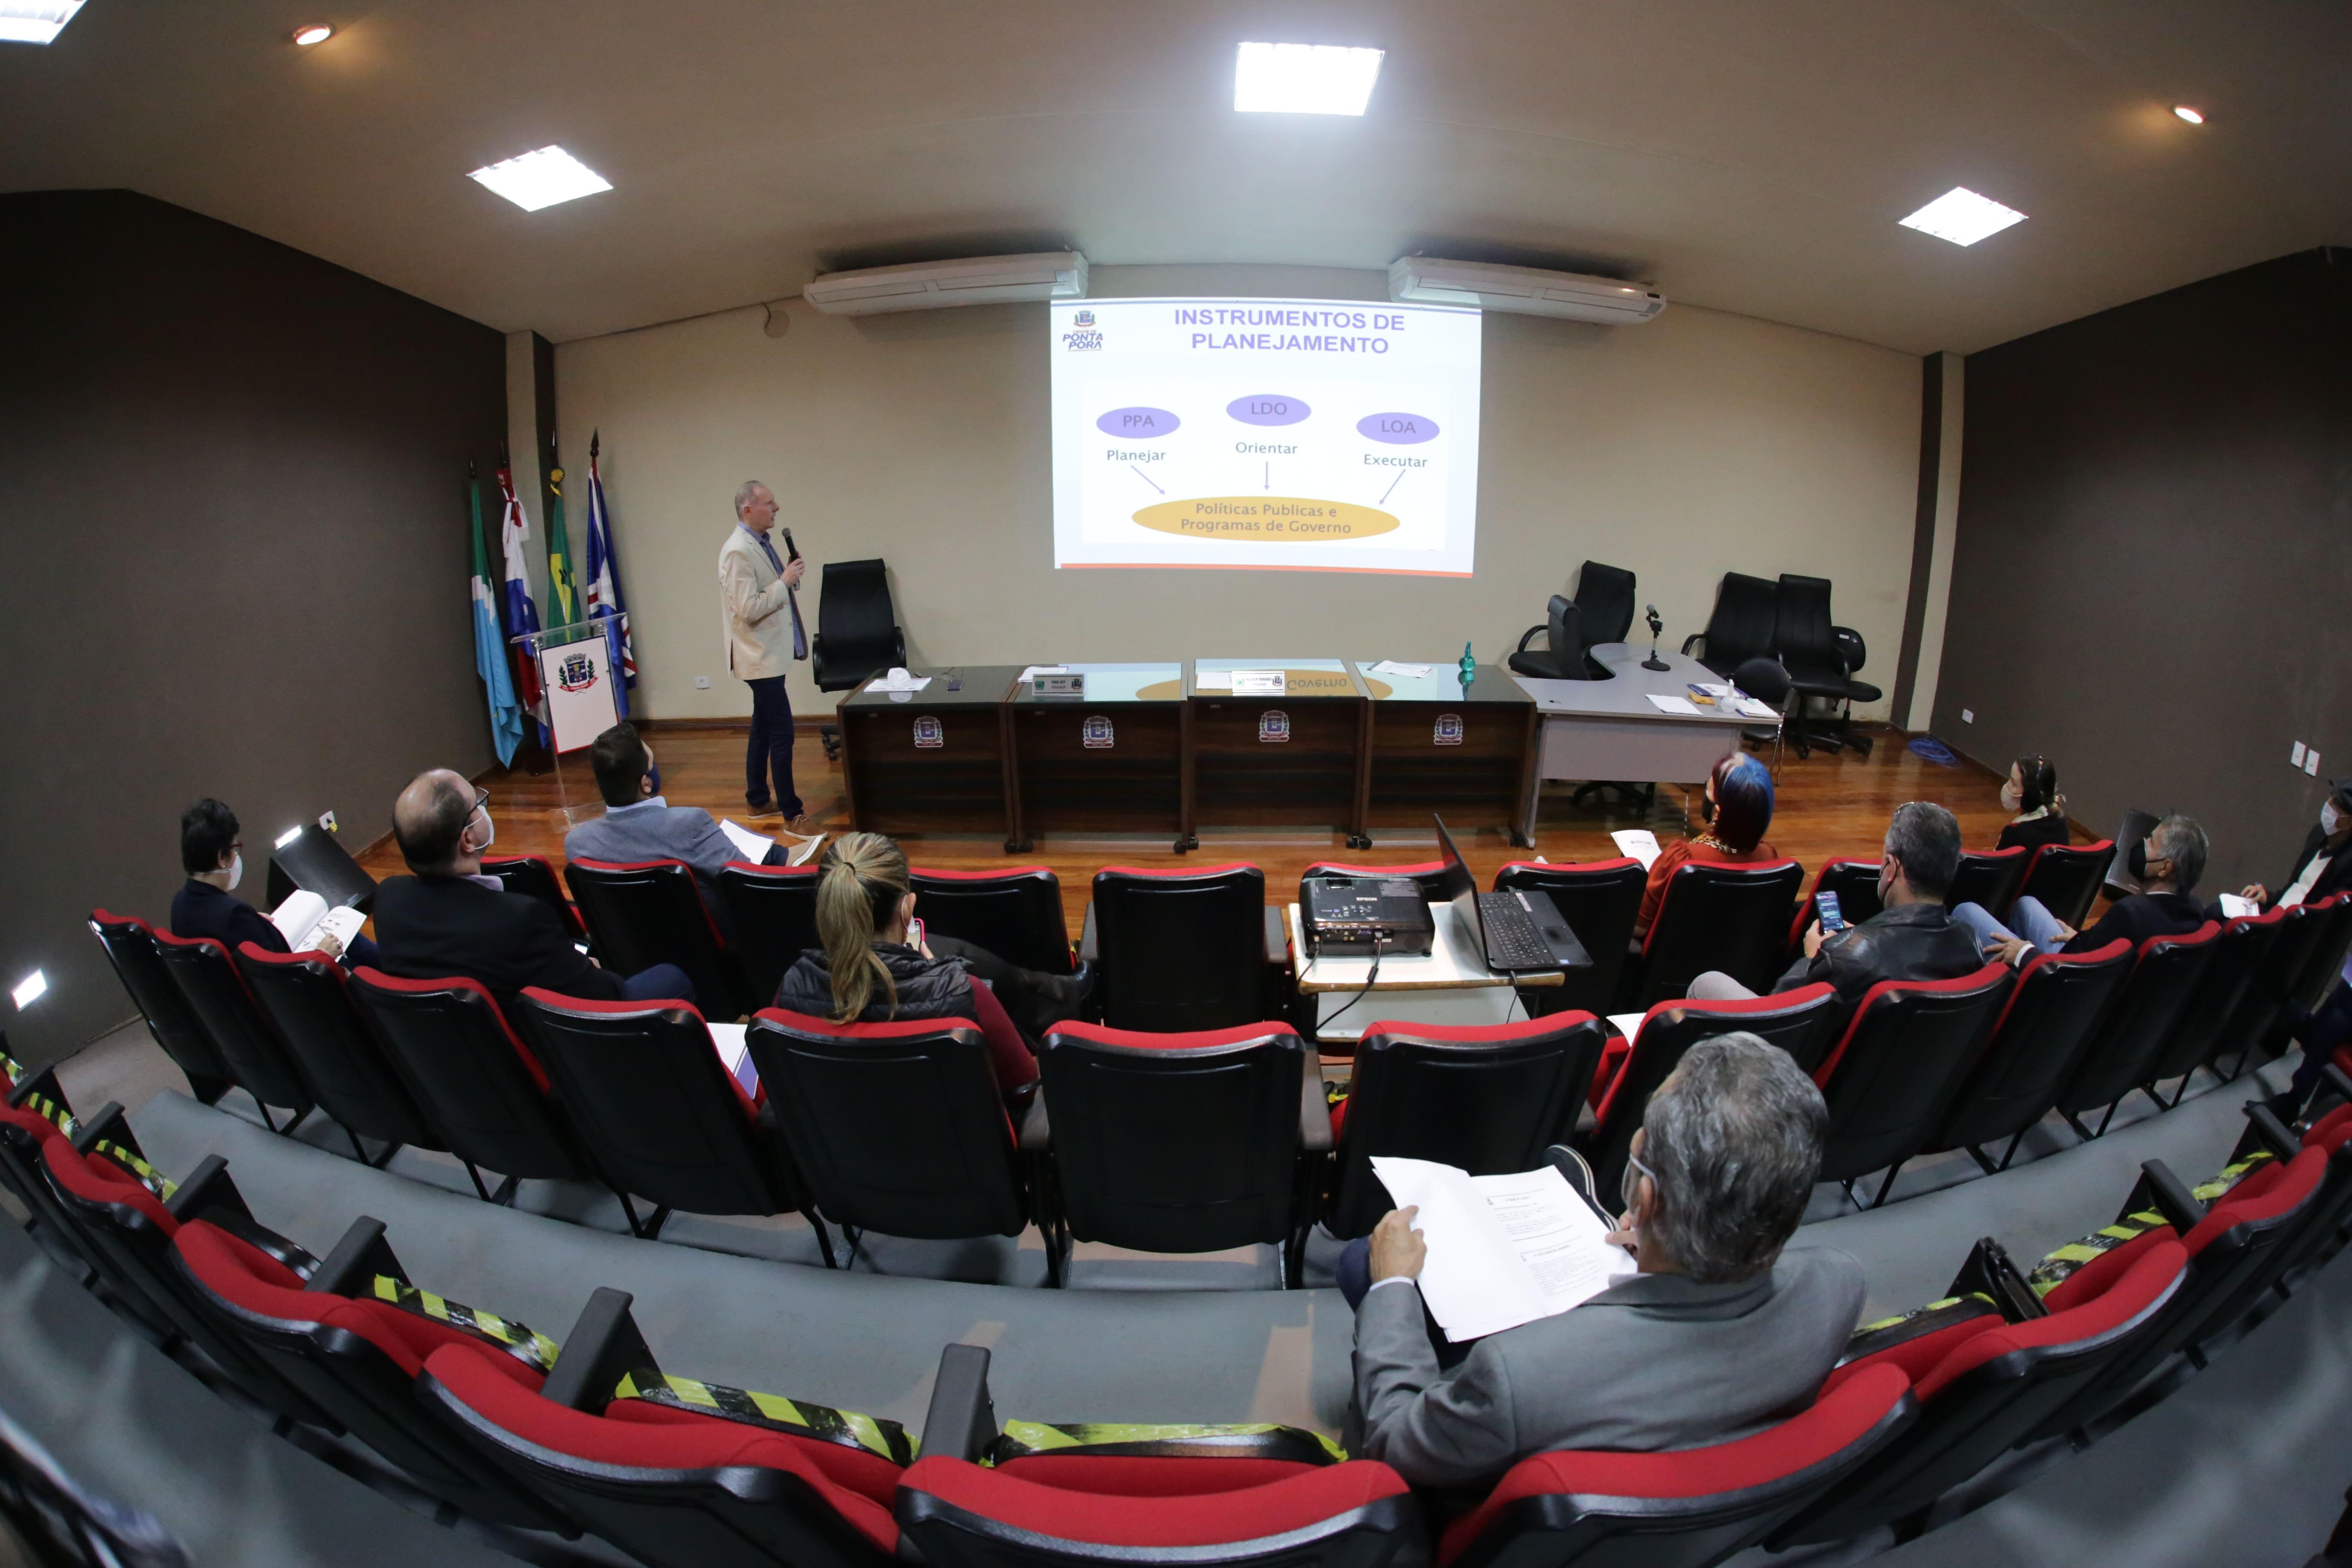 Câmara Municipal promoveu audiência pública para debater a Lei de Diretrizes Orçamentárias